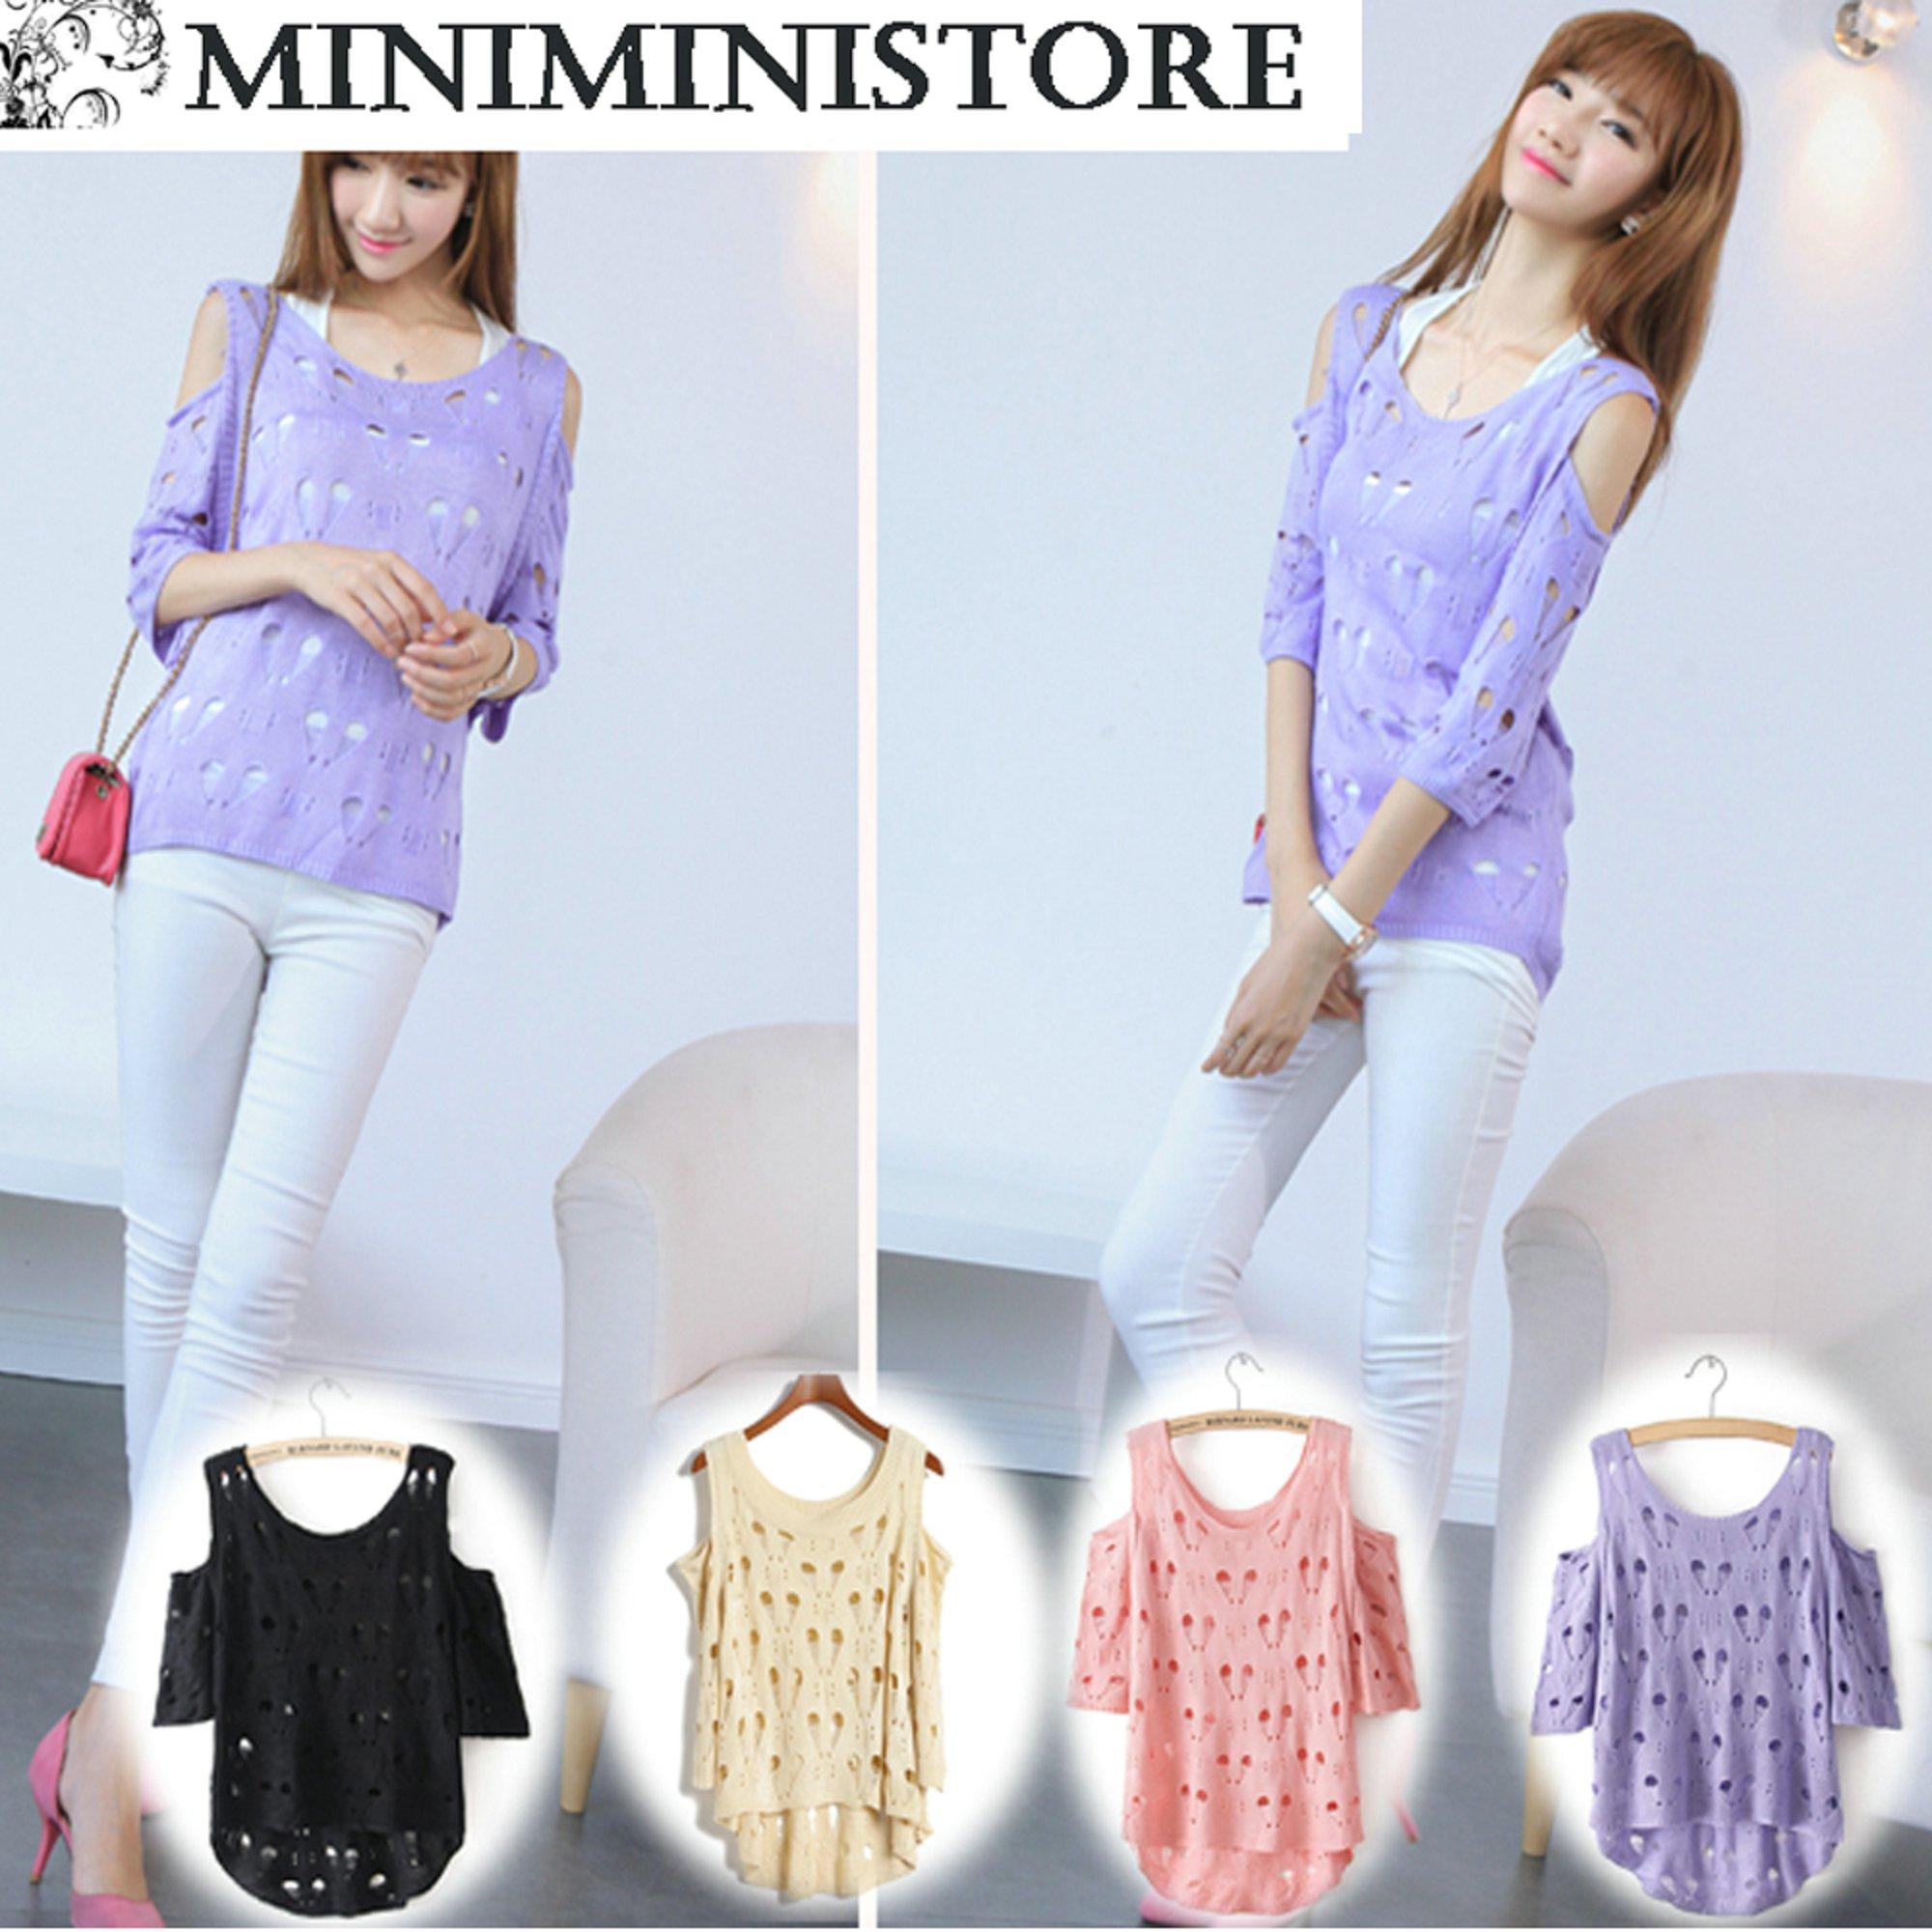 シャツ通販〜Miniministoreブランドのセーターニット編みハート柄チュニック 全4色